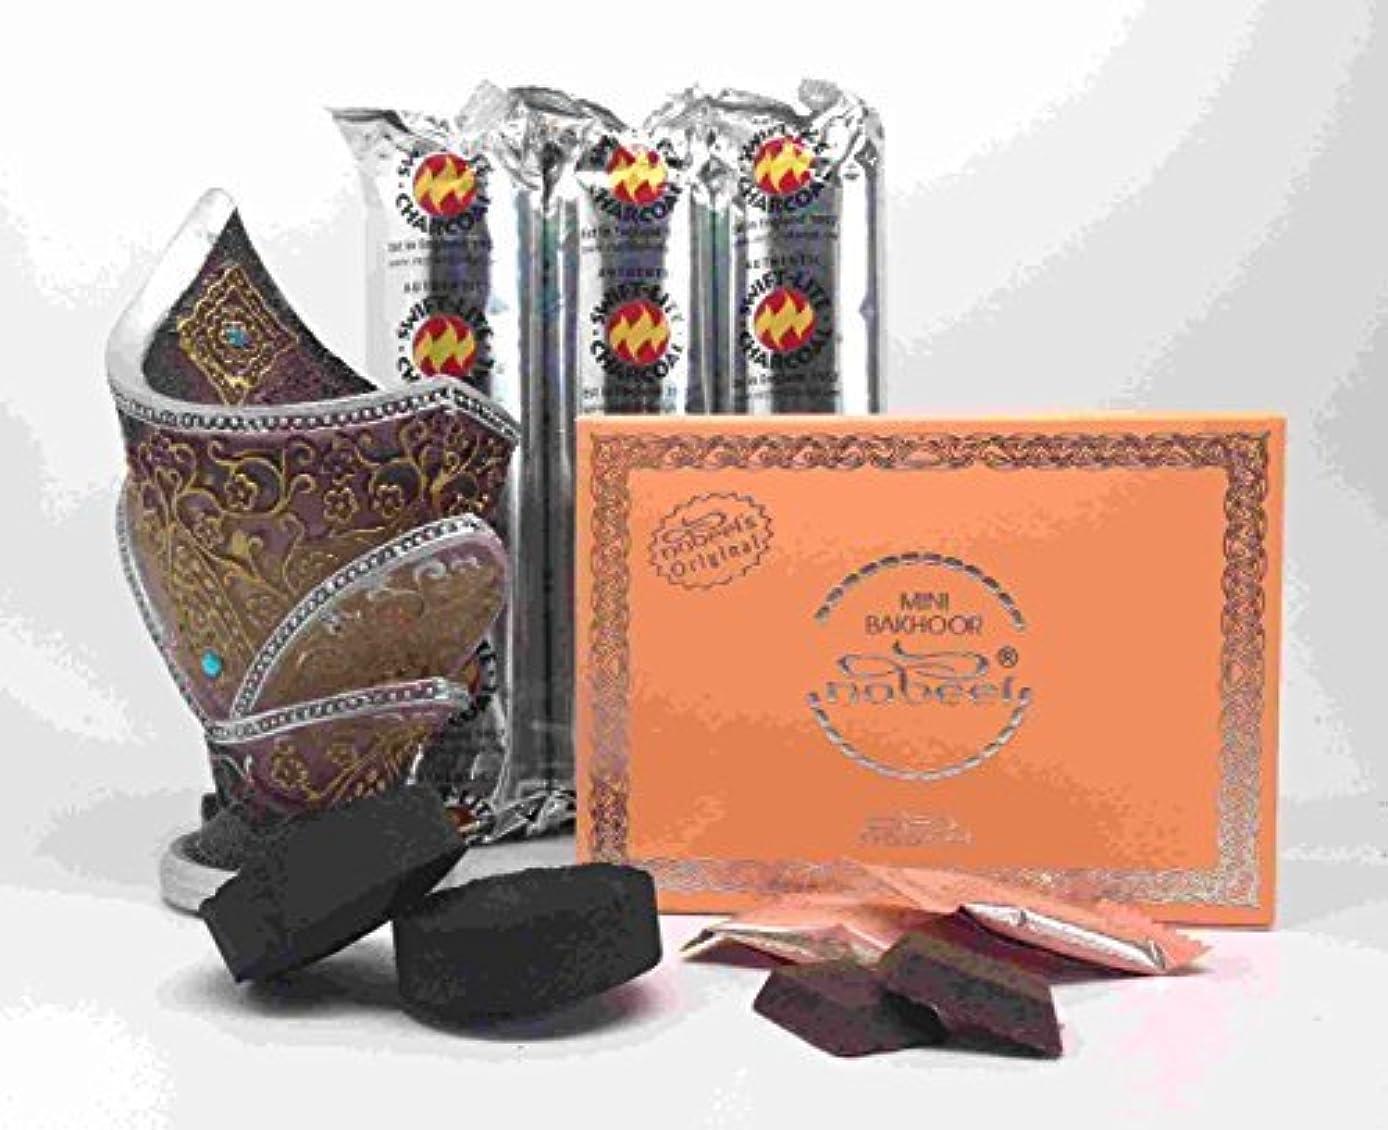 供給香りスプーンOudh and Bakhoorお香ギフトセットby Nabeel B01MAZMZ91